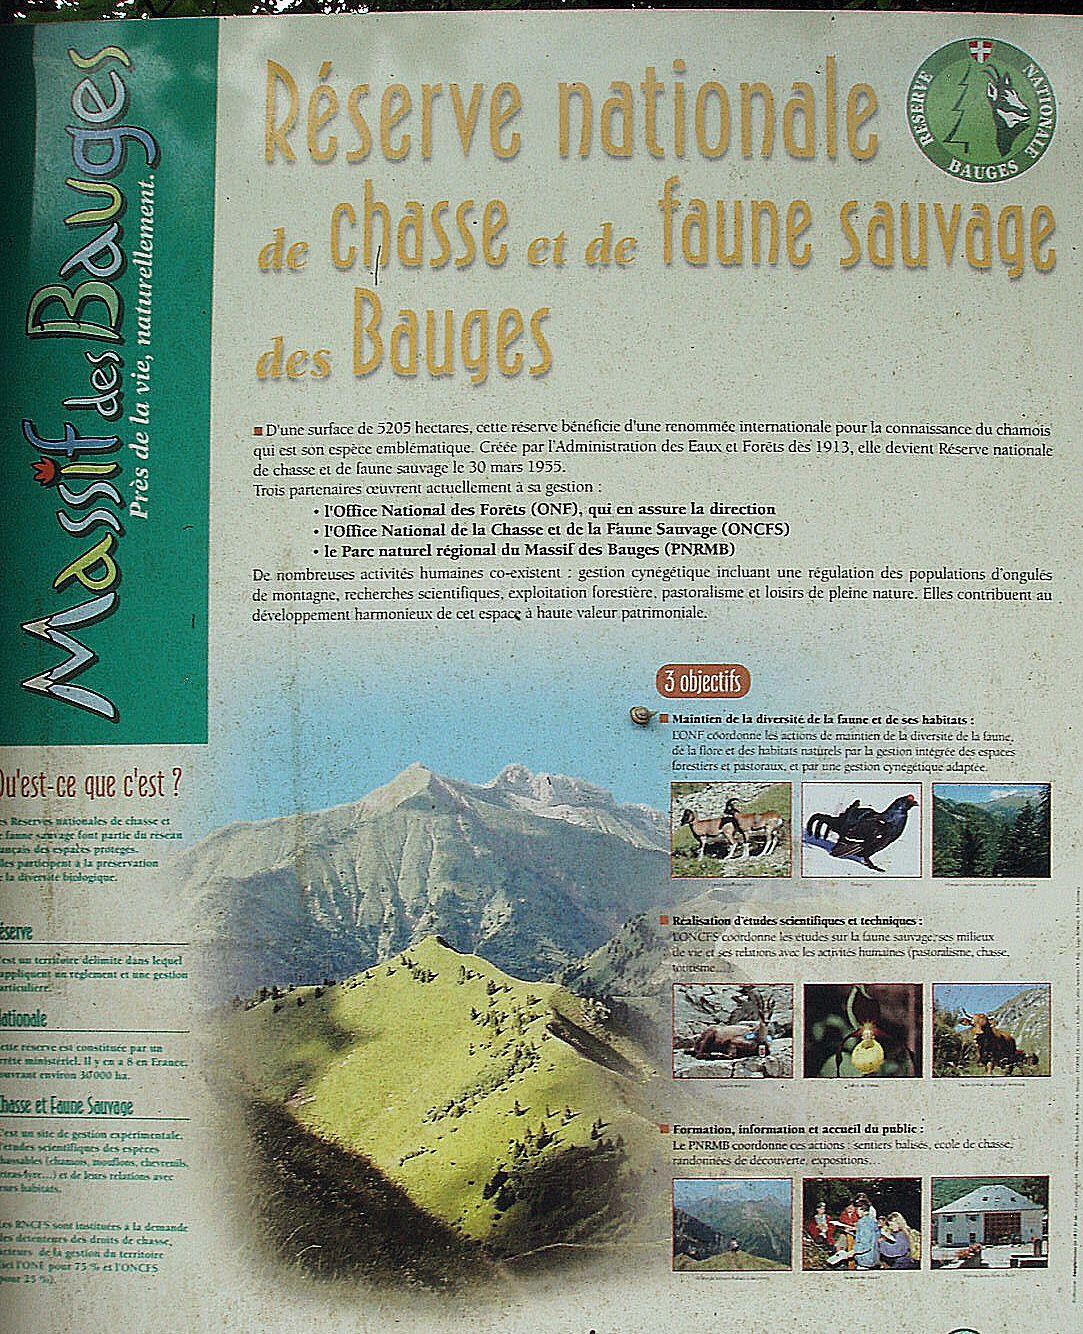 Cette randonnée se situe dans le massif des Bauges.